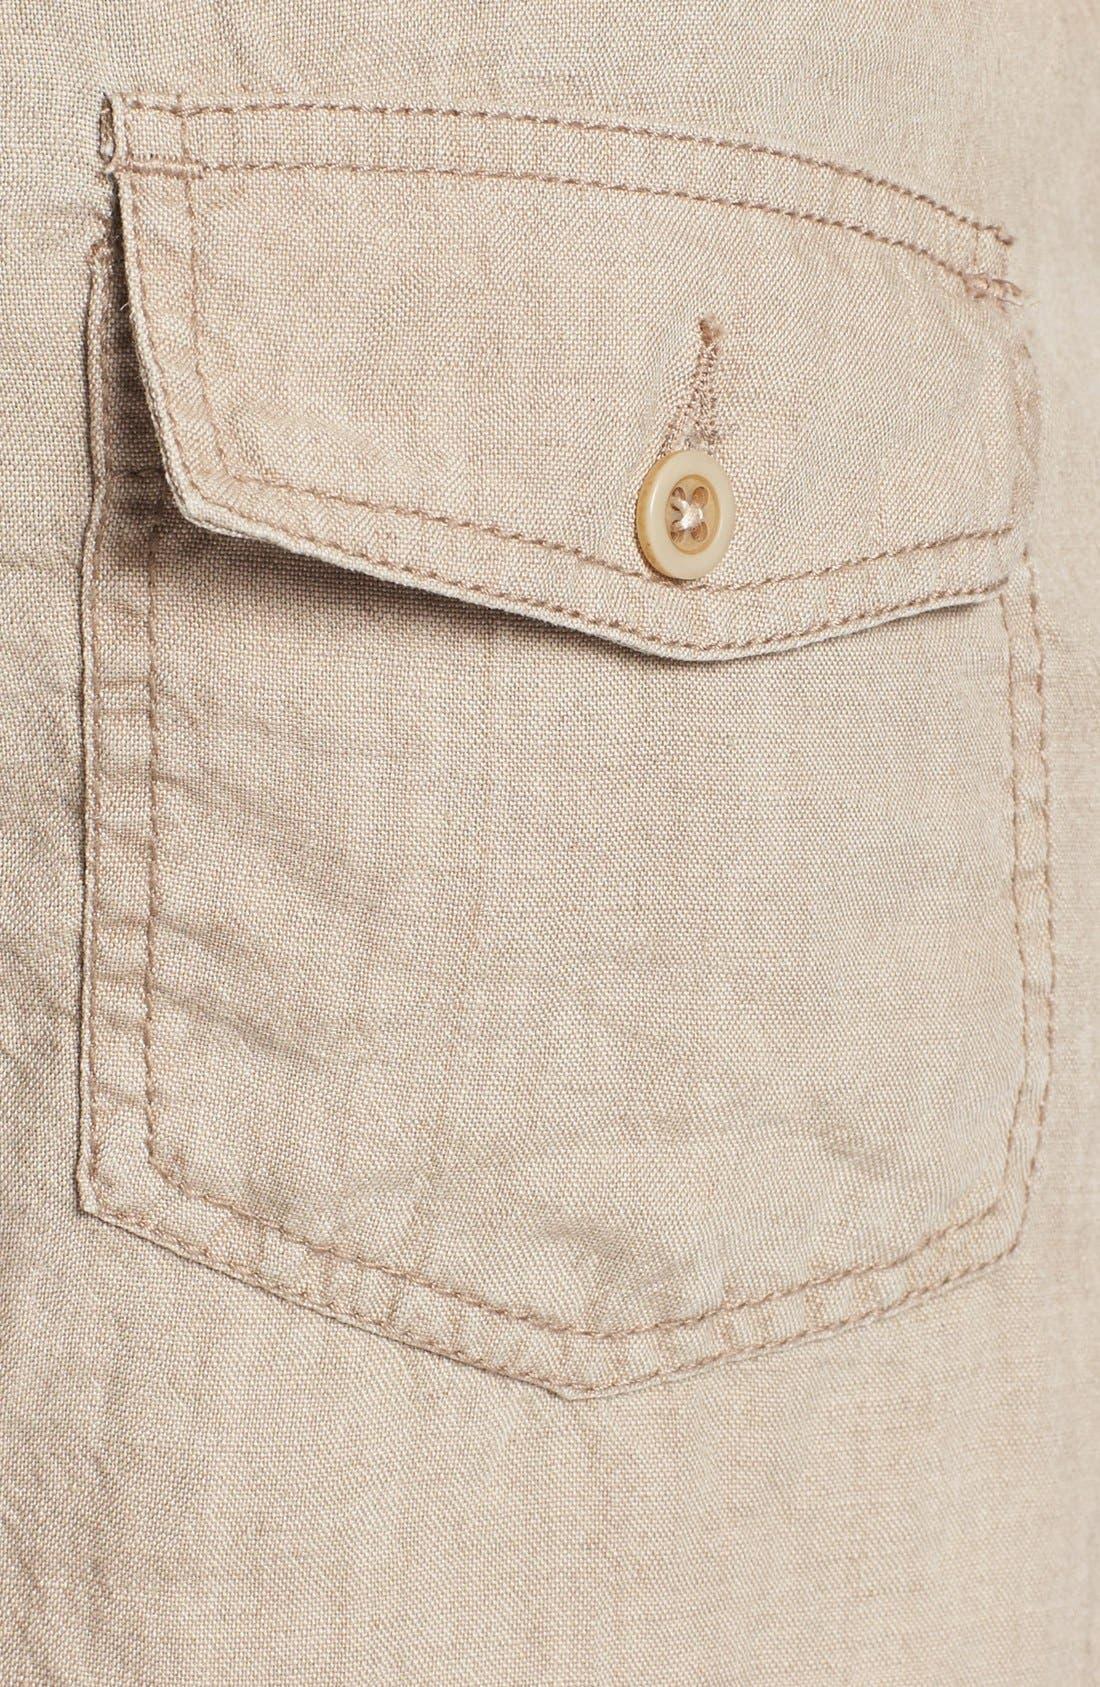 Alternate Image 3  - Shirt by Shirt 'Guam' Linen Shorts